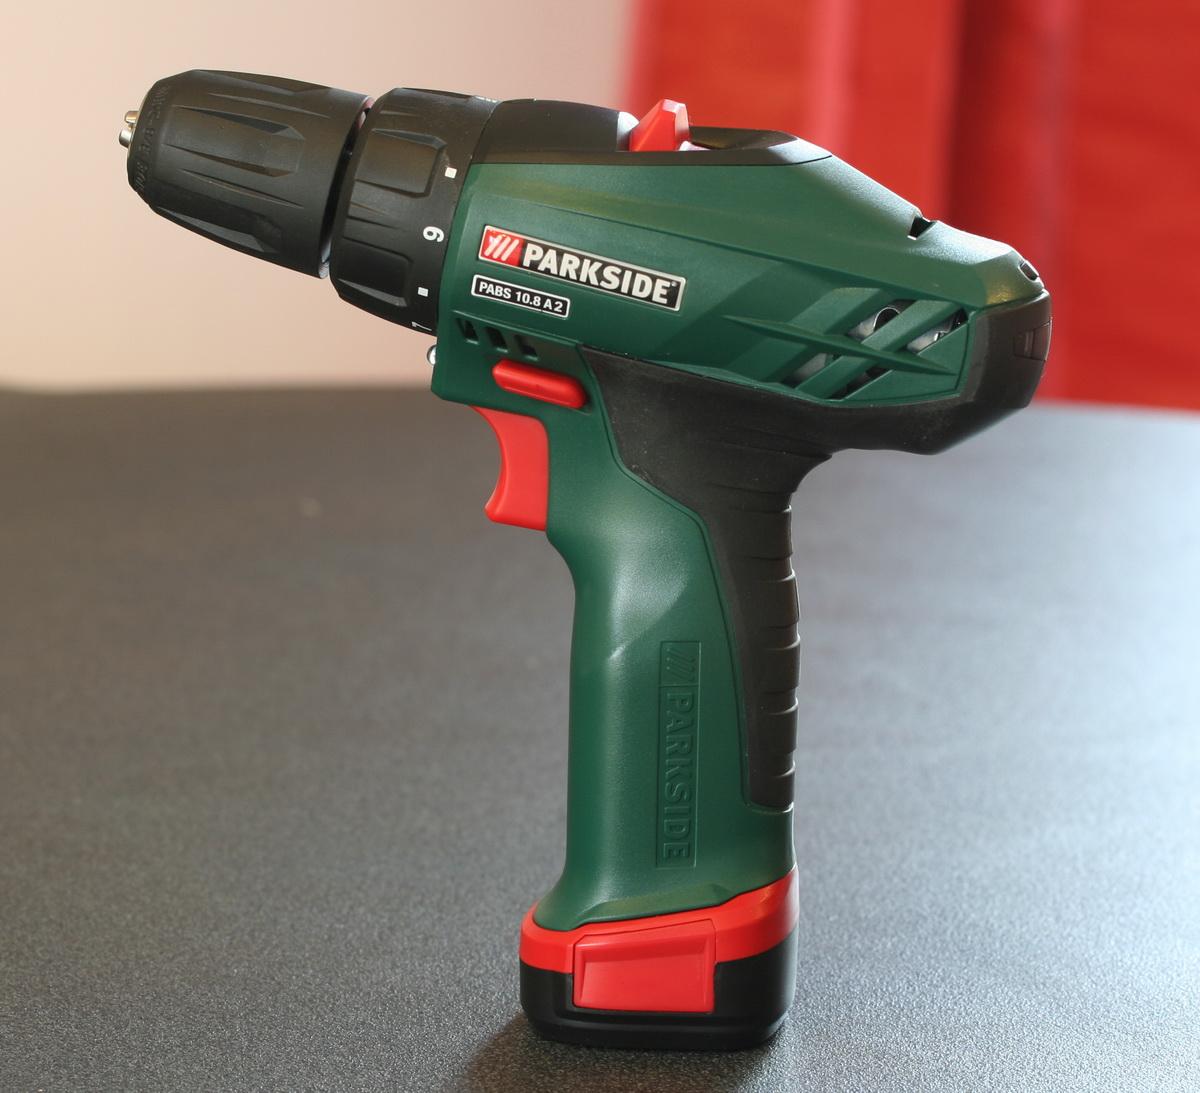 visseuse parkside 10 8 v les outils